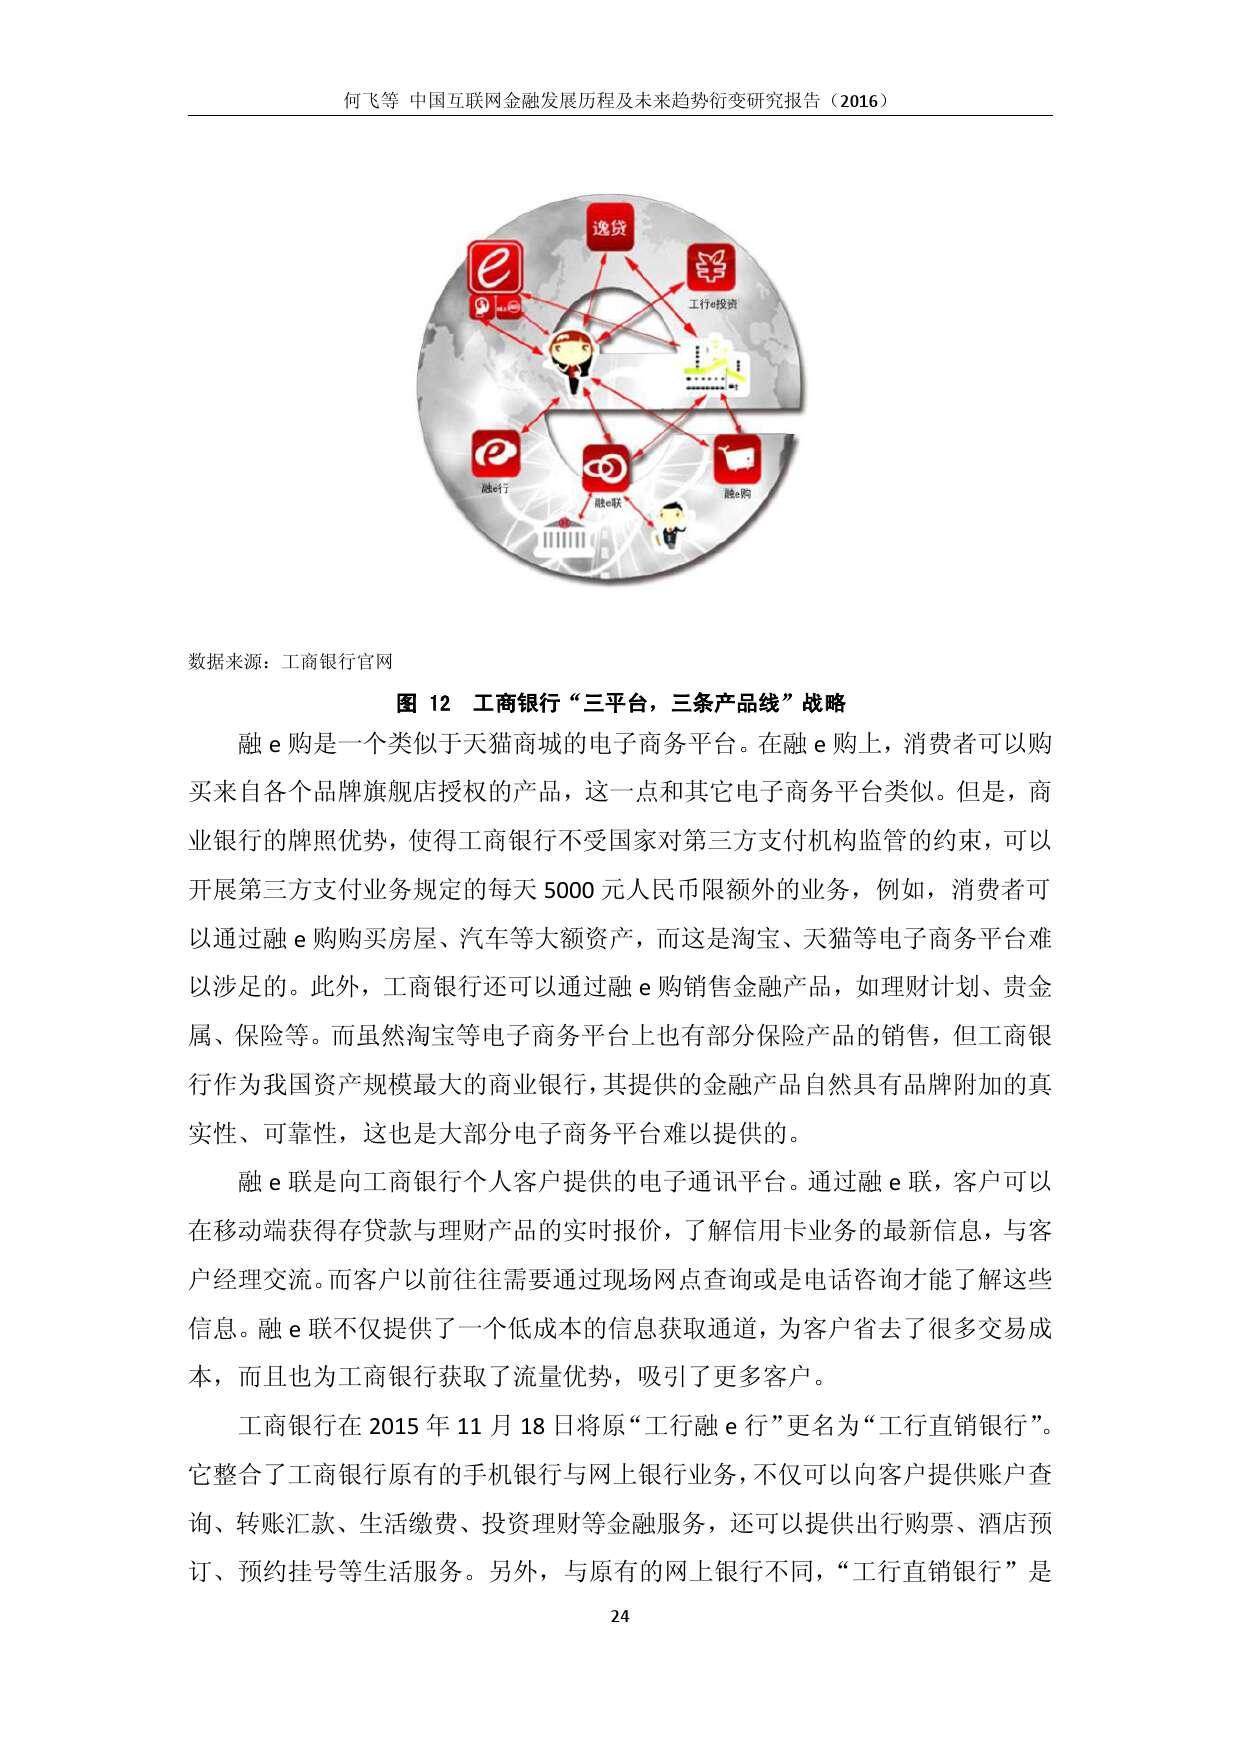 中国互联网金融发展历程及未来趋势衍变研究报告(2016)_000029